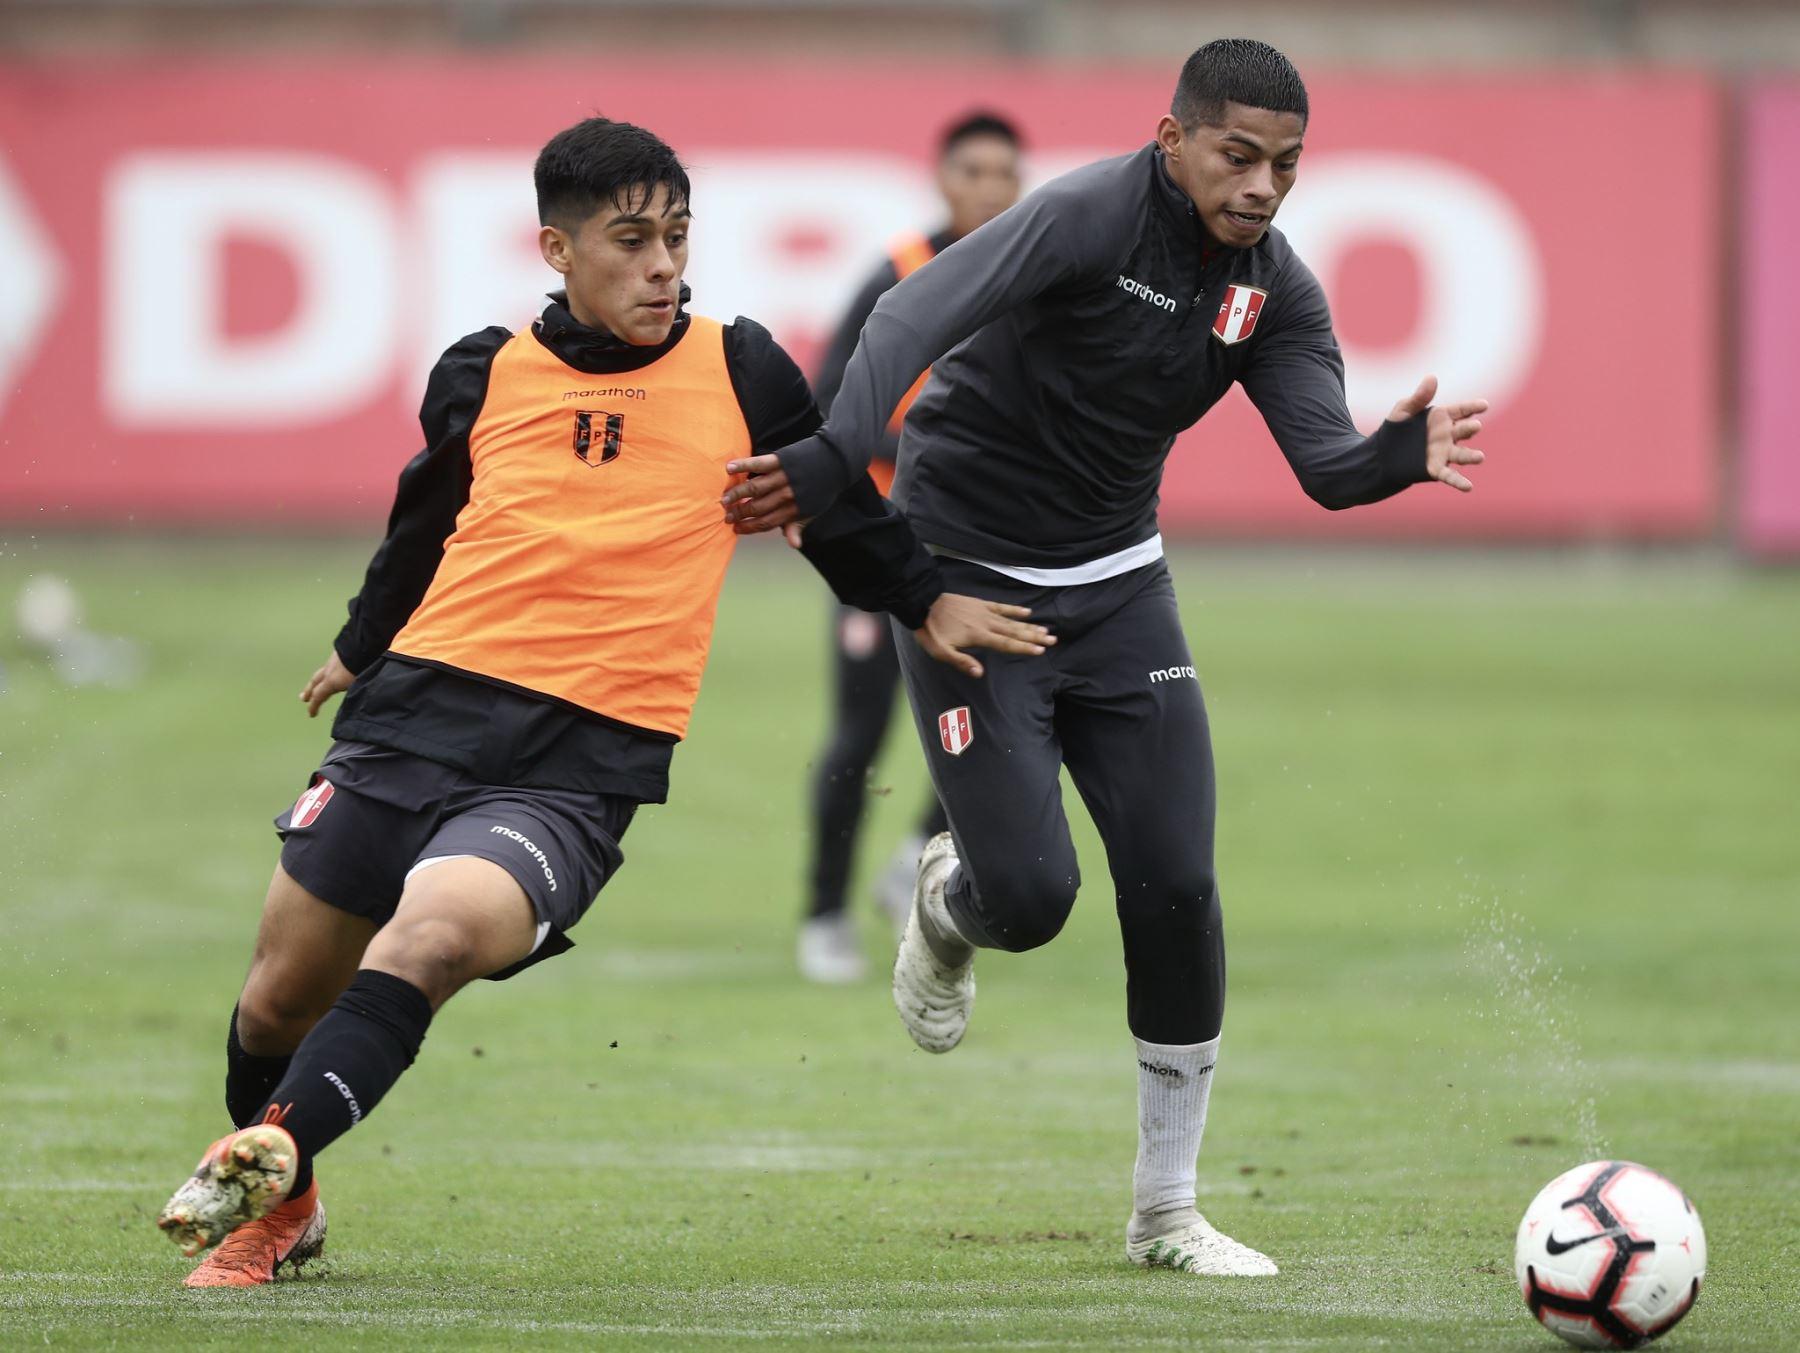 Kevin Quevedo es una de las principales carta de gol que presentará la selección peruana